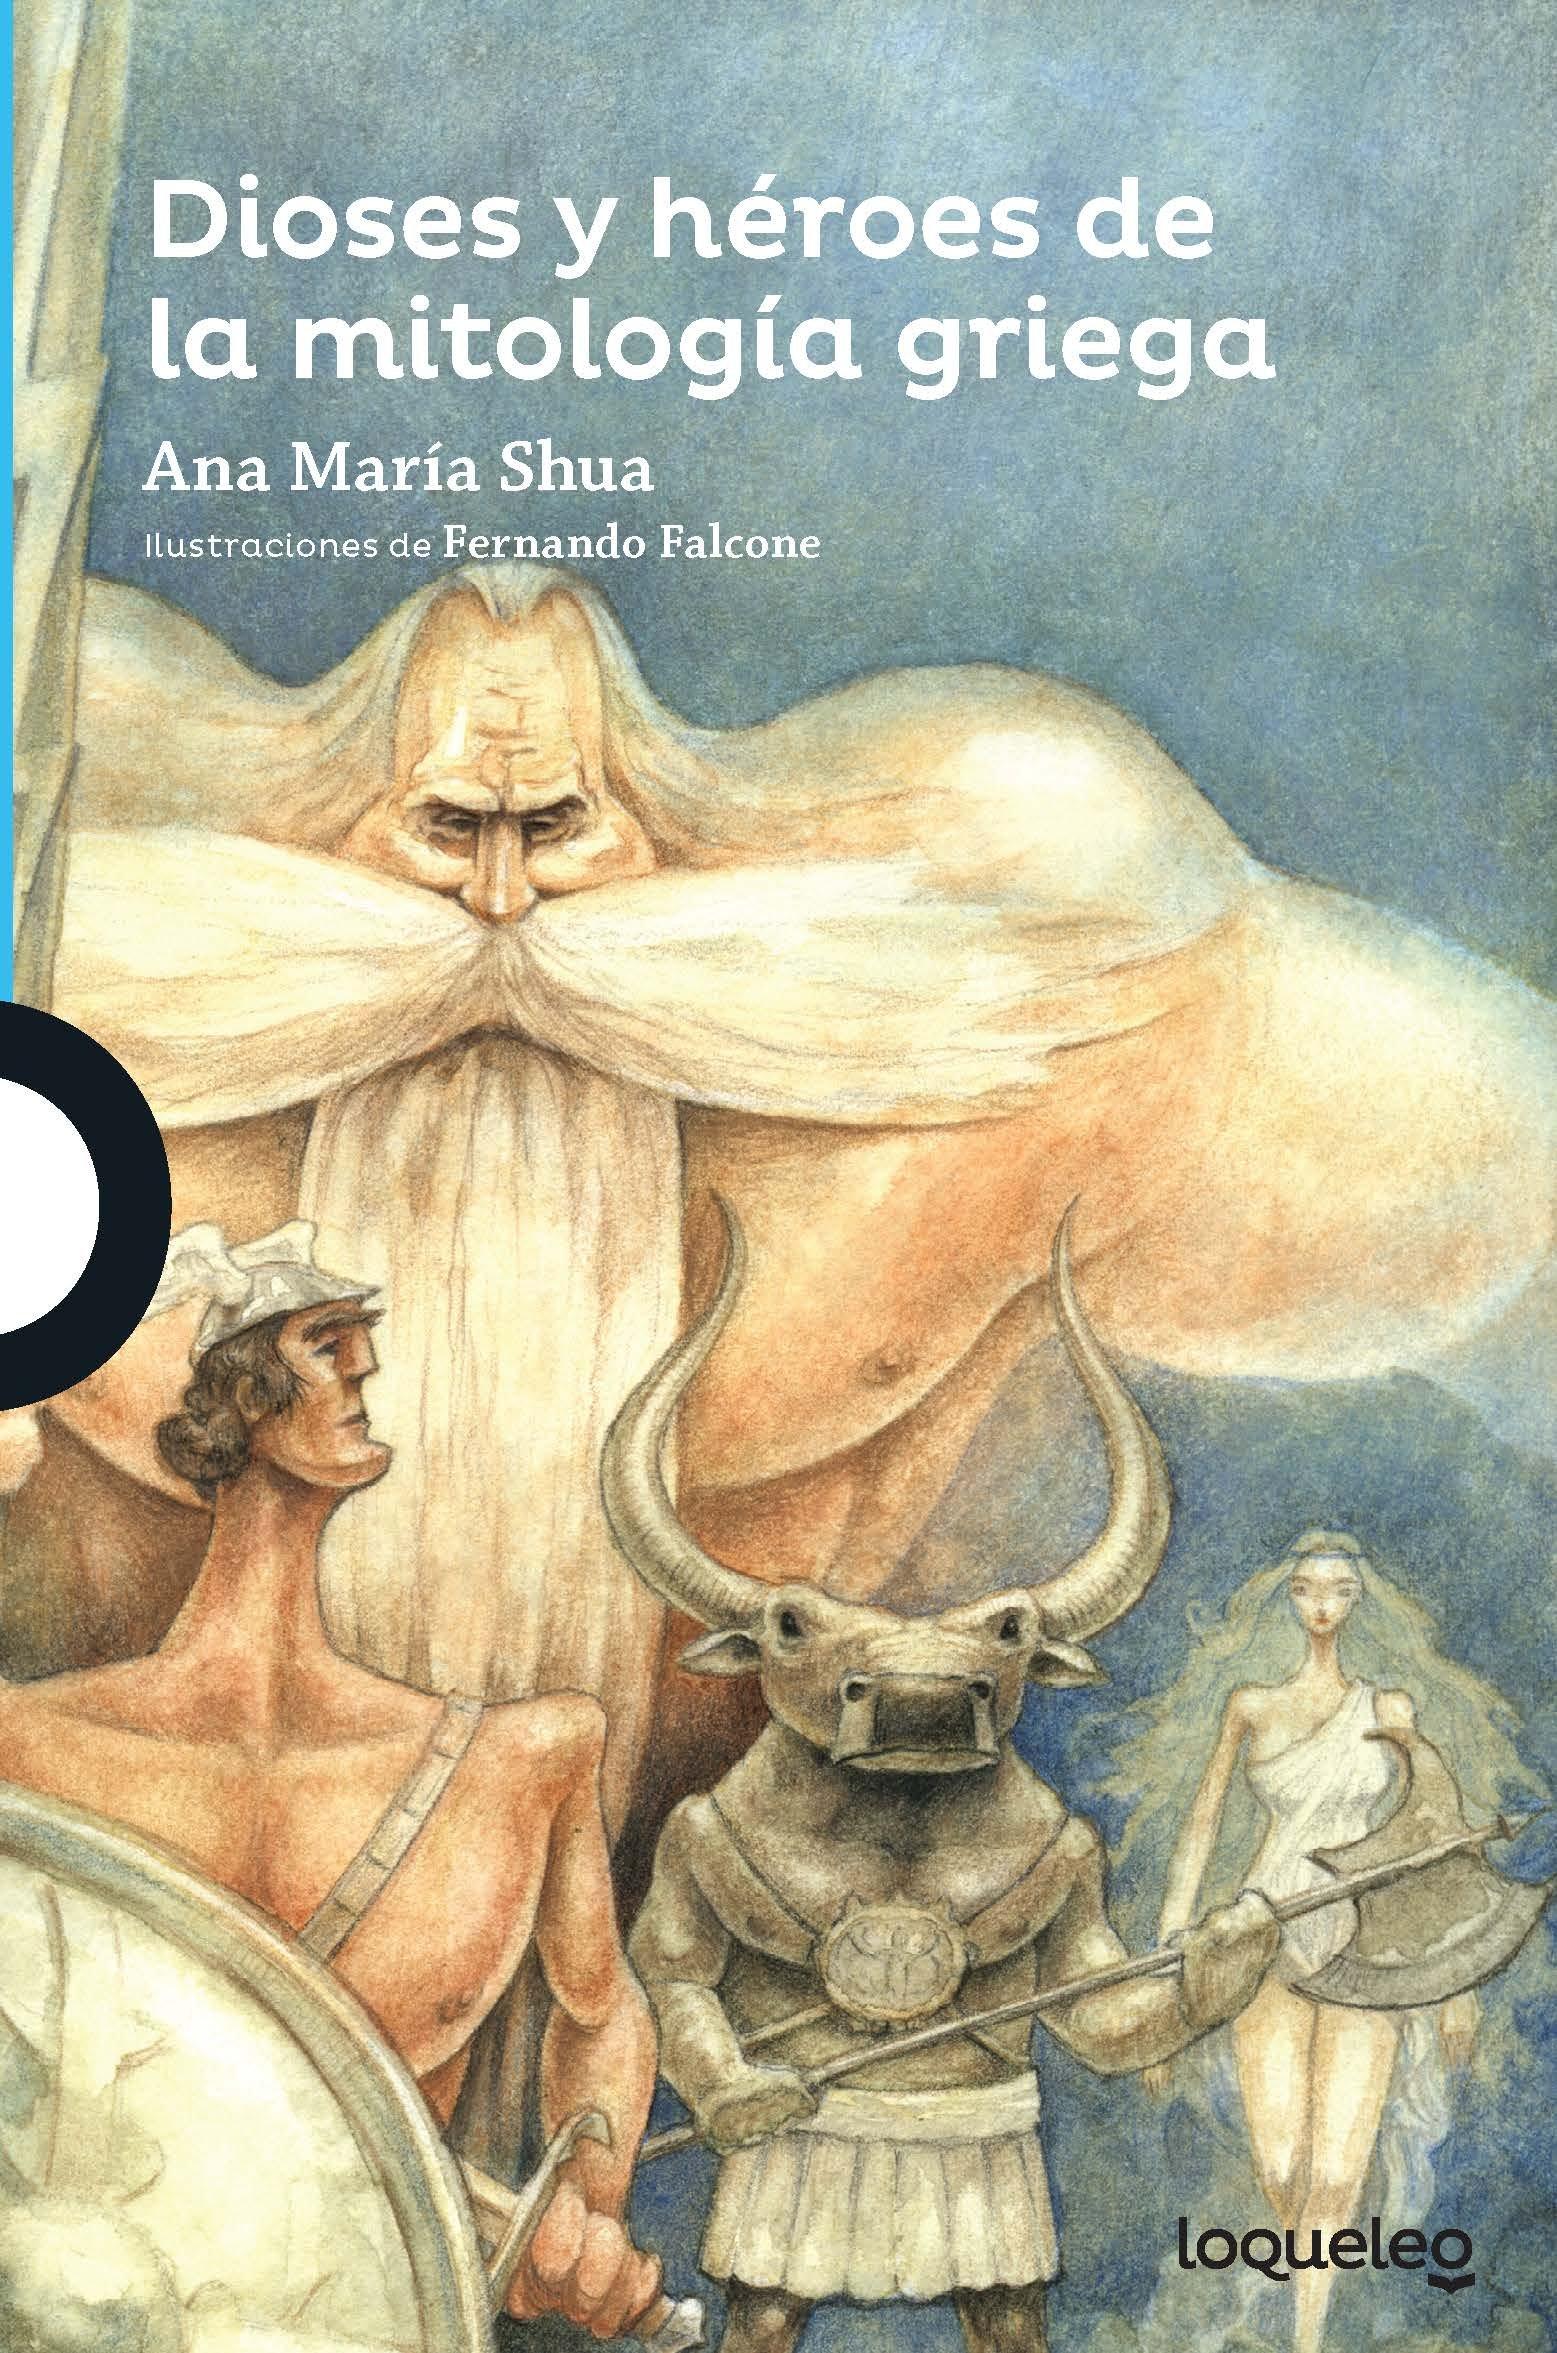 Dioses y Heroes de La Mitologia Griega (Serie Azul): Amazon.es: Ana Maria Shua, Fernando Falcone: Libros